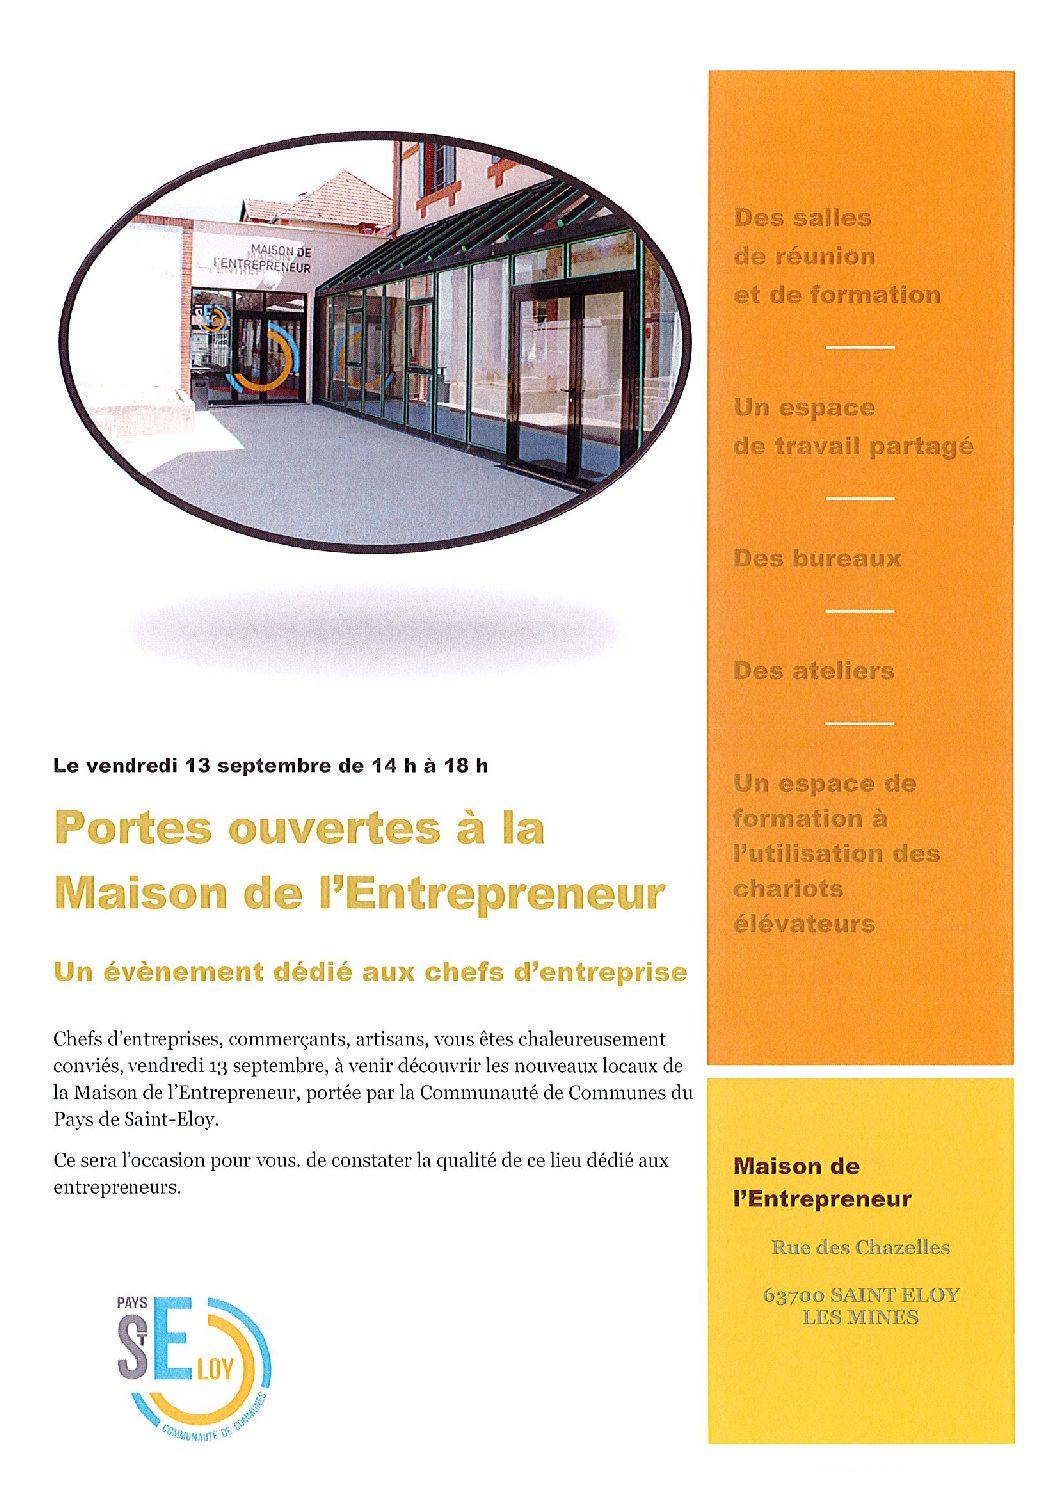 Portes ouvertes à la Maison de l'Entrepreneur